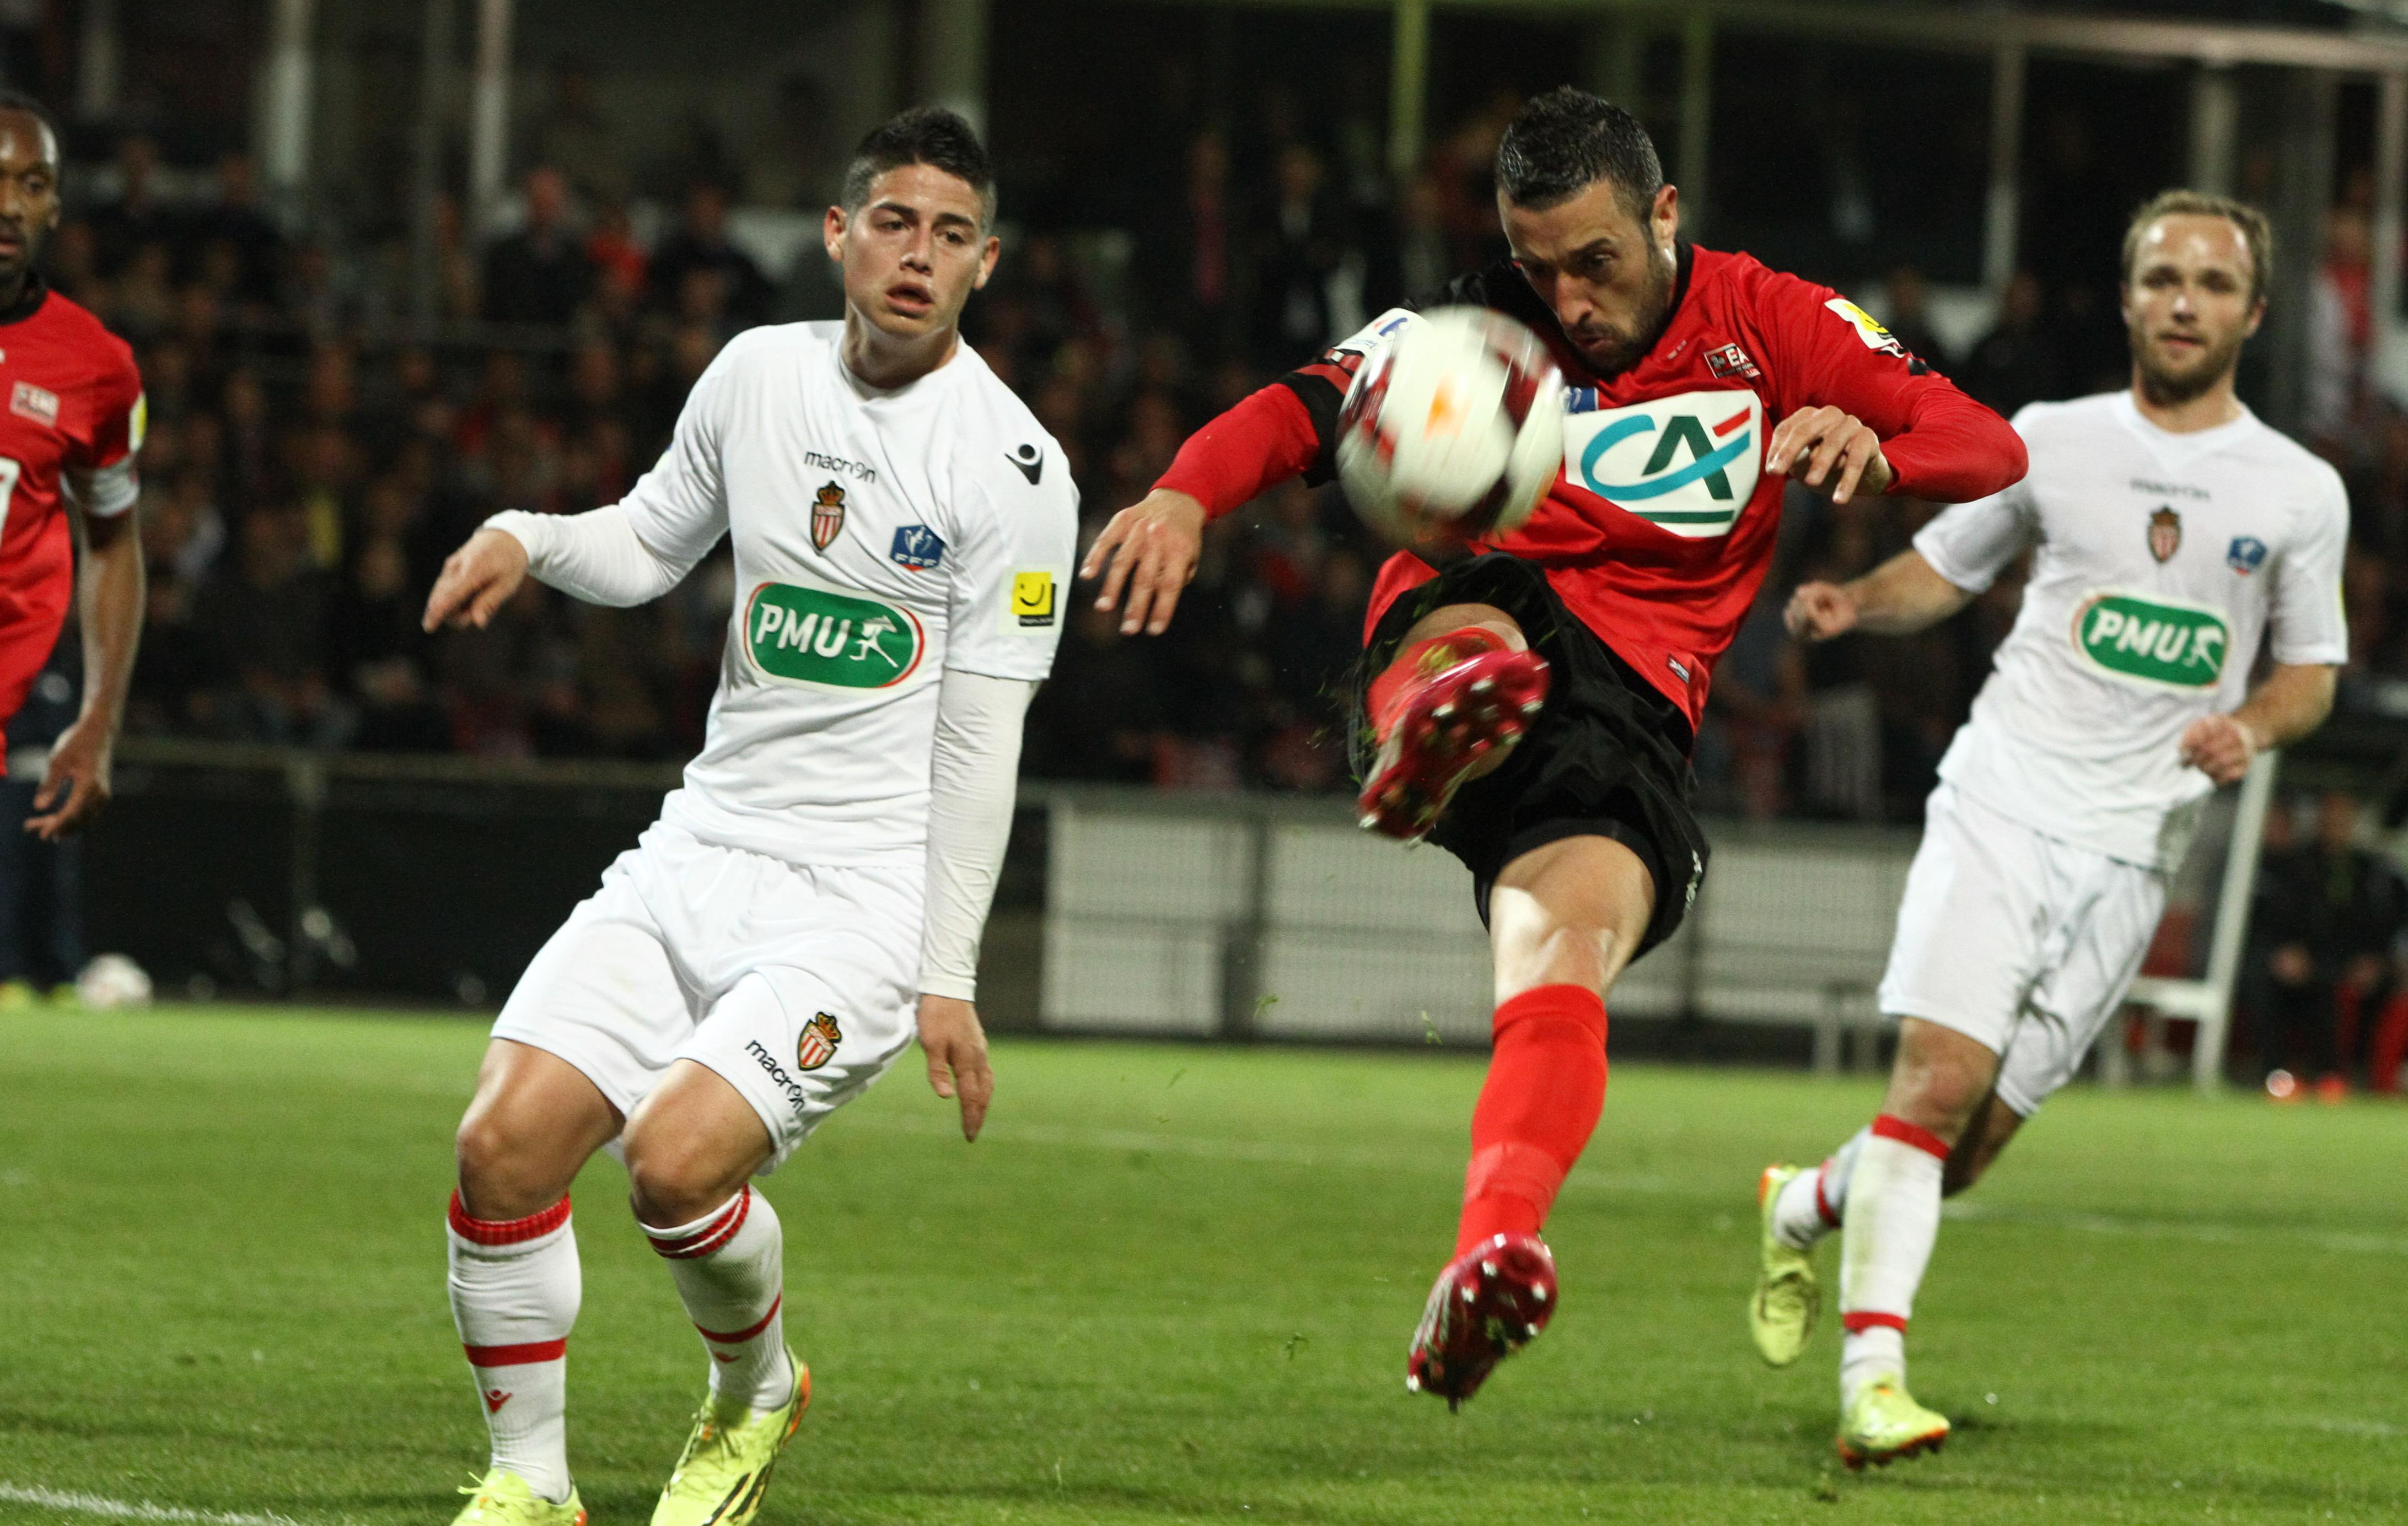 Tous les buts de guingamp cette saison en coupe coupe de france football - Guingamp coupe de france ...